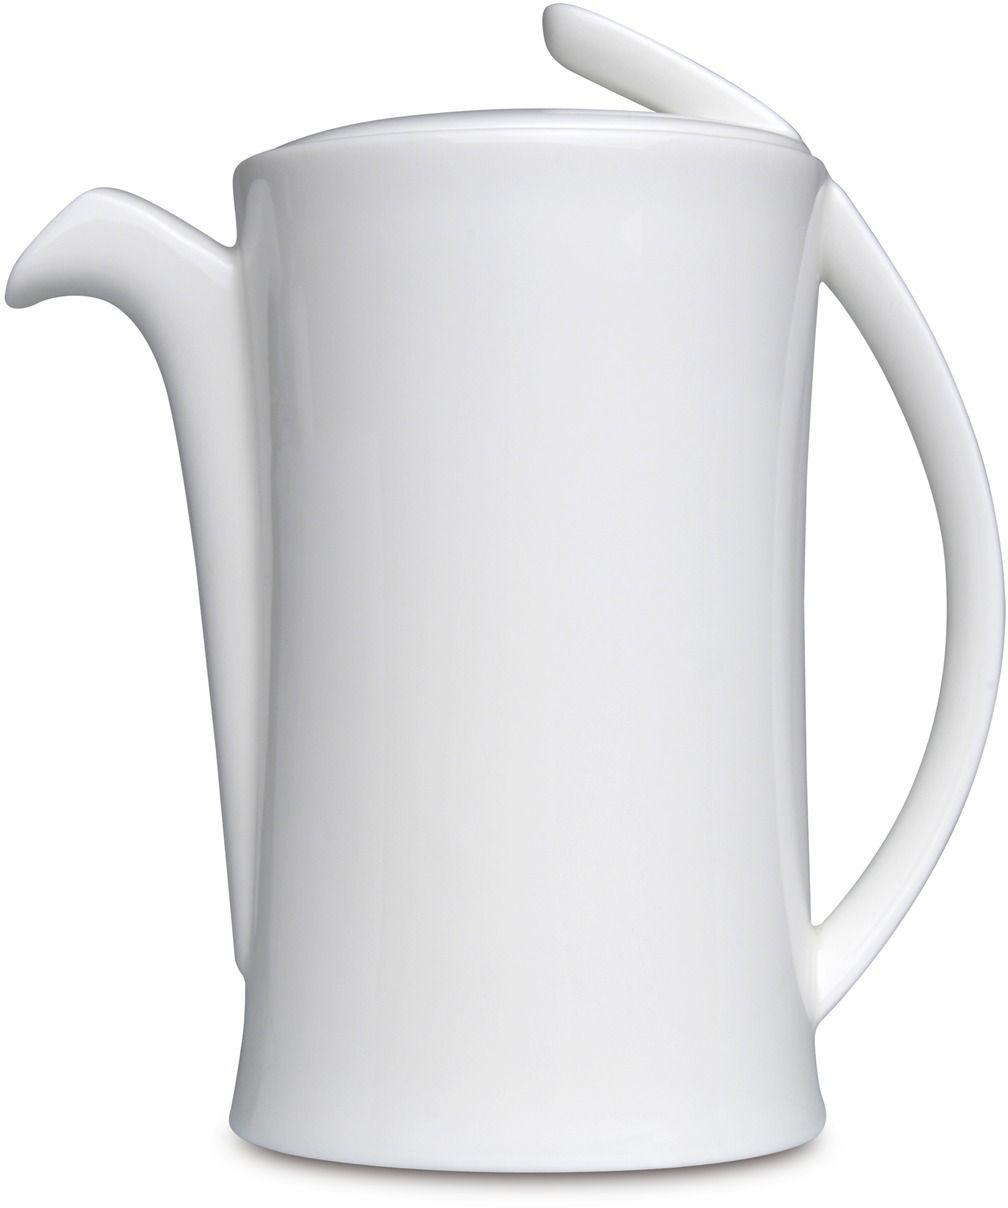 Кофейник BergHOFF Concavo, 1,2 л1693255Кофейник BergHOFF Concavo - знак качества и современного дизайна. Изделие выполнено из минерального, экологически чистого сырья - фарфора, покрытого высококачественной глазурью Кофейник устойчив к царапинам от ножей и вилок. Подходит для посудомоечных машин. Предназначен для ежедневного использования. Объем: 1,2 л.